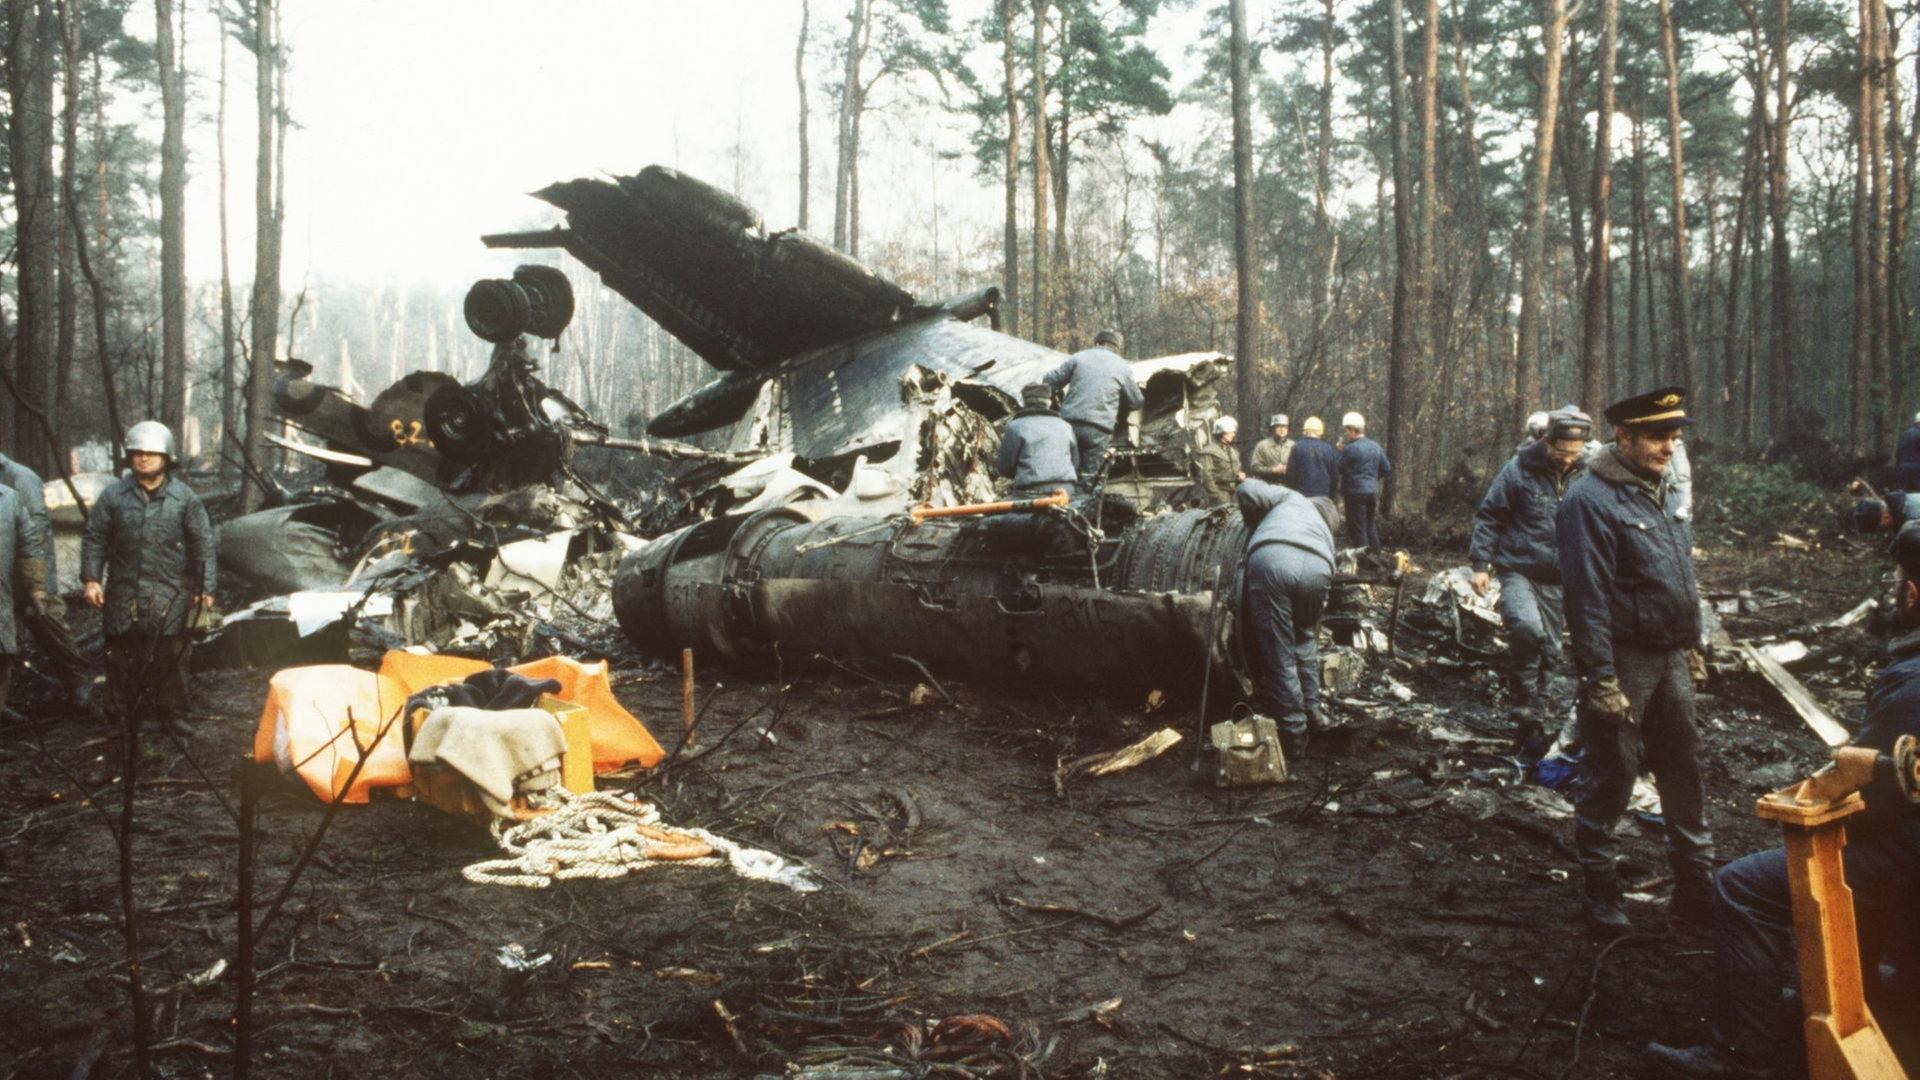 Flugzeugabsturz 1986 Todliche Klassenfahrt Ndr De Geschichte